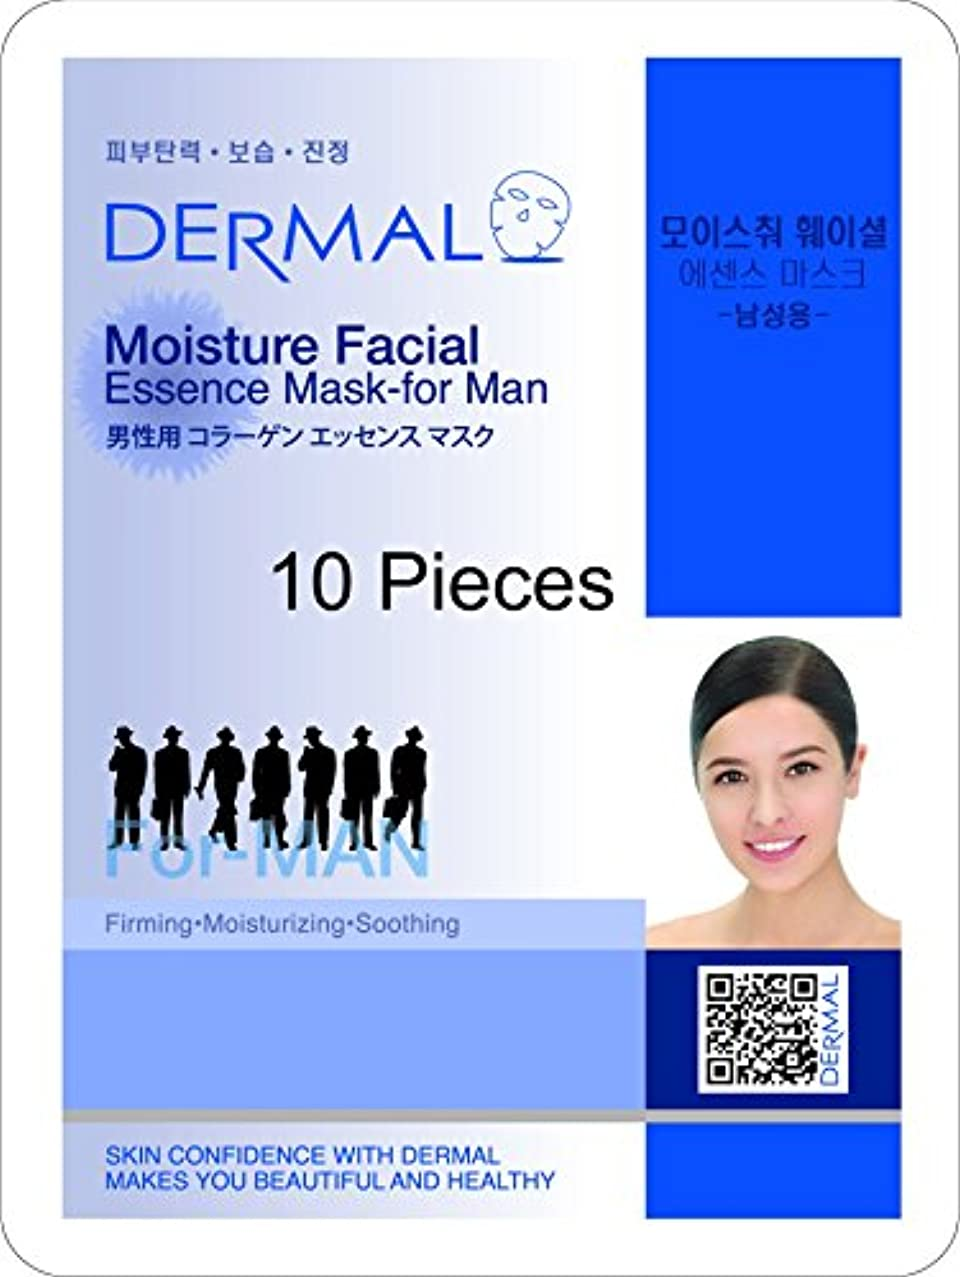 気づくなる本気嬉しいです【DERMAL】ダーマル シートマスク 男性用 10枚セット/保湿/フェイスマスク/フェイスパック/マスクパック/韓国コスメ [メール便]